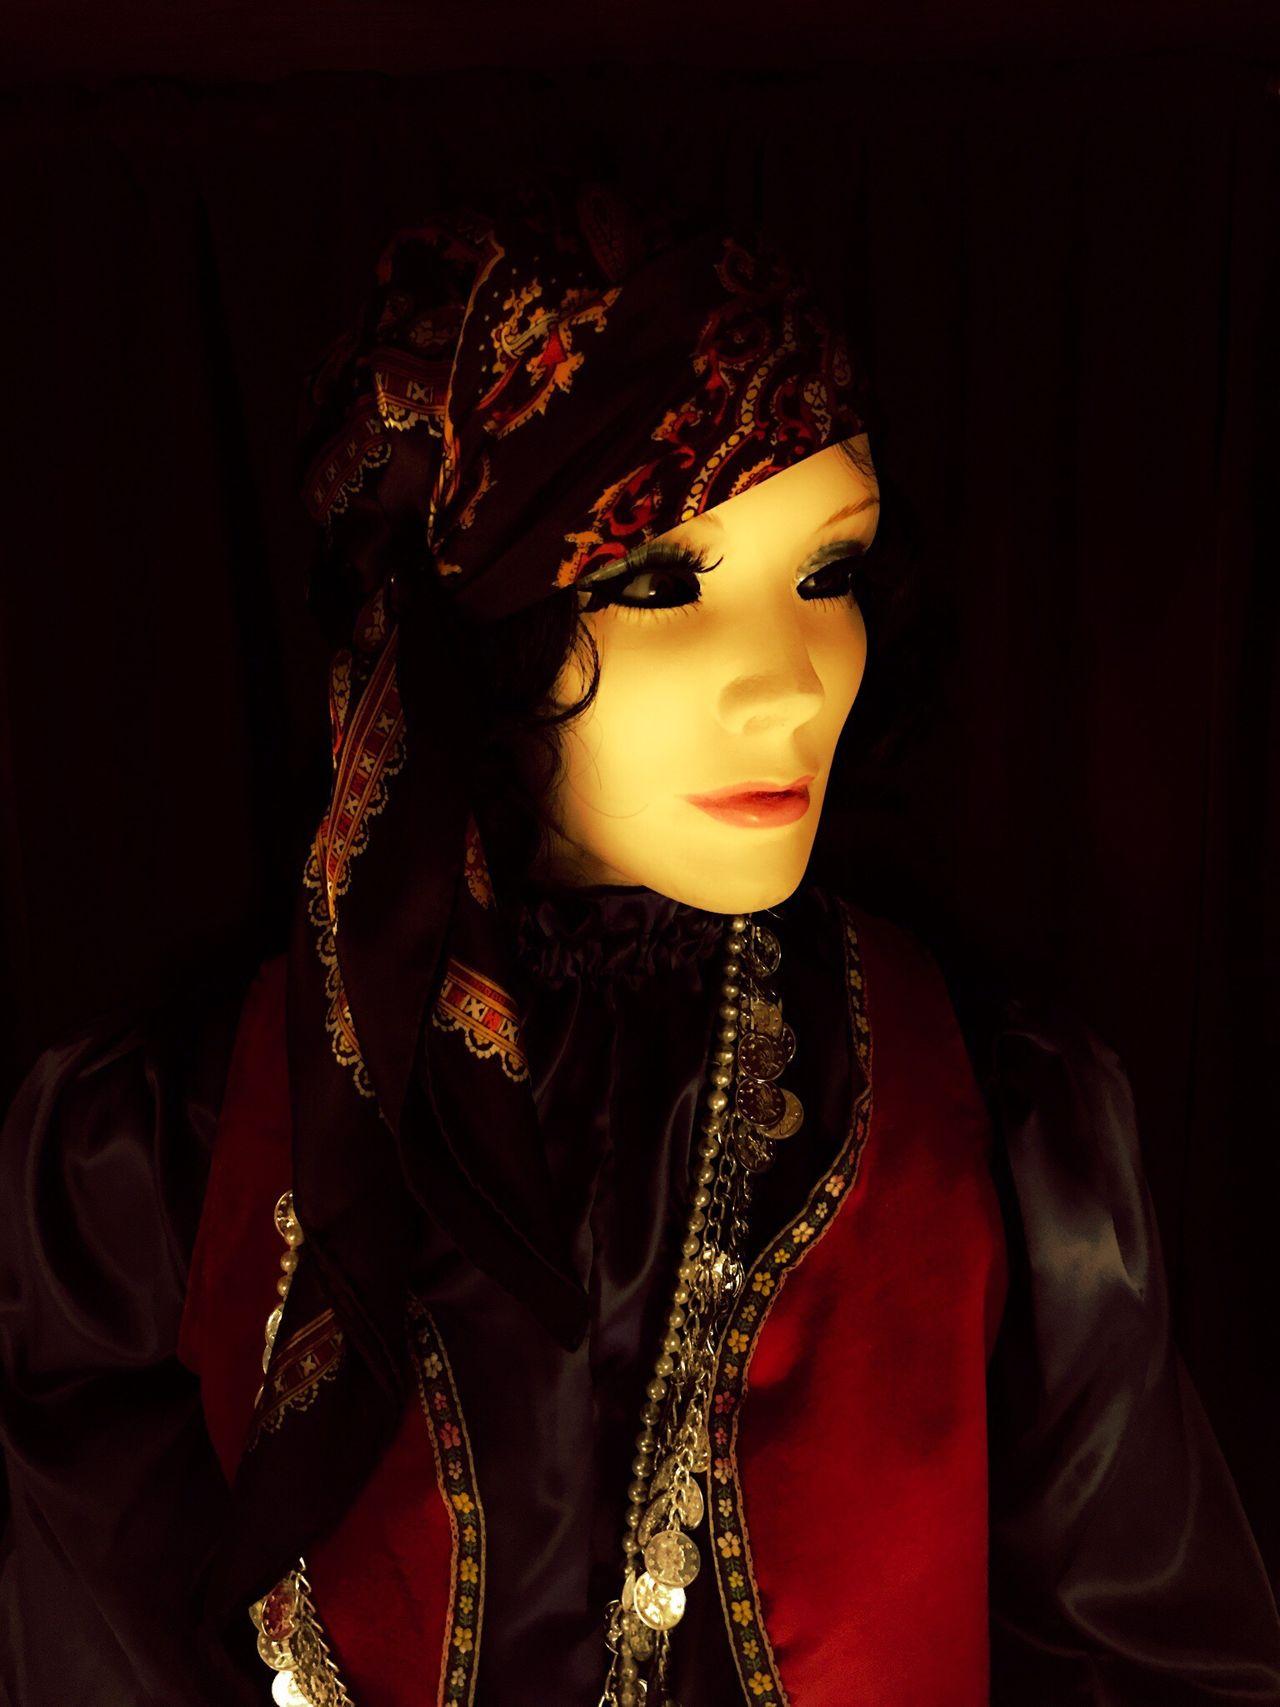 Gypsy Gypsy Girl Fortune Telling Arcade Games Fashion Portrait Beauty Street Photography